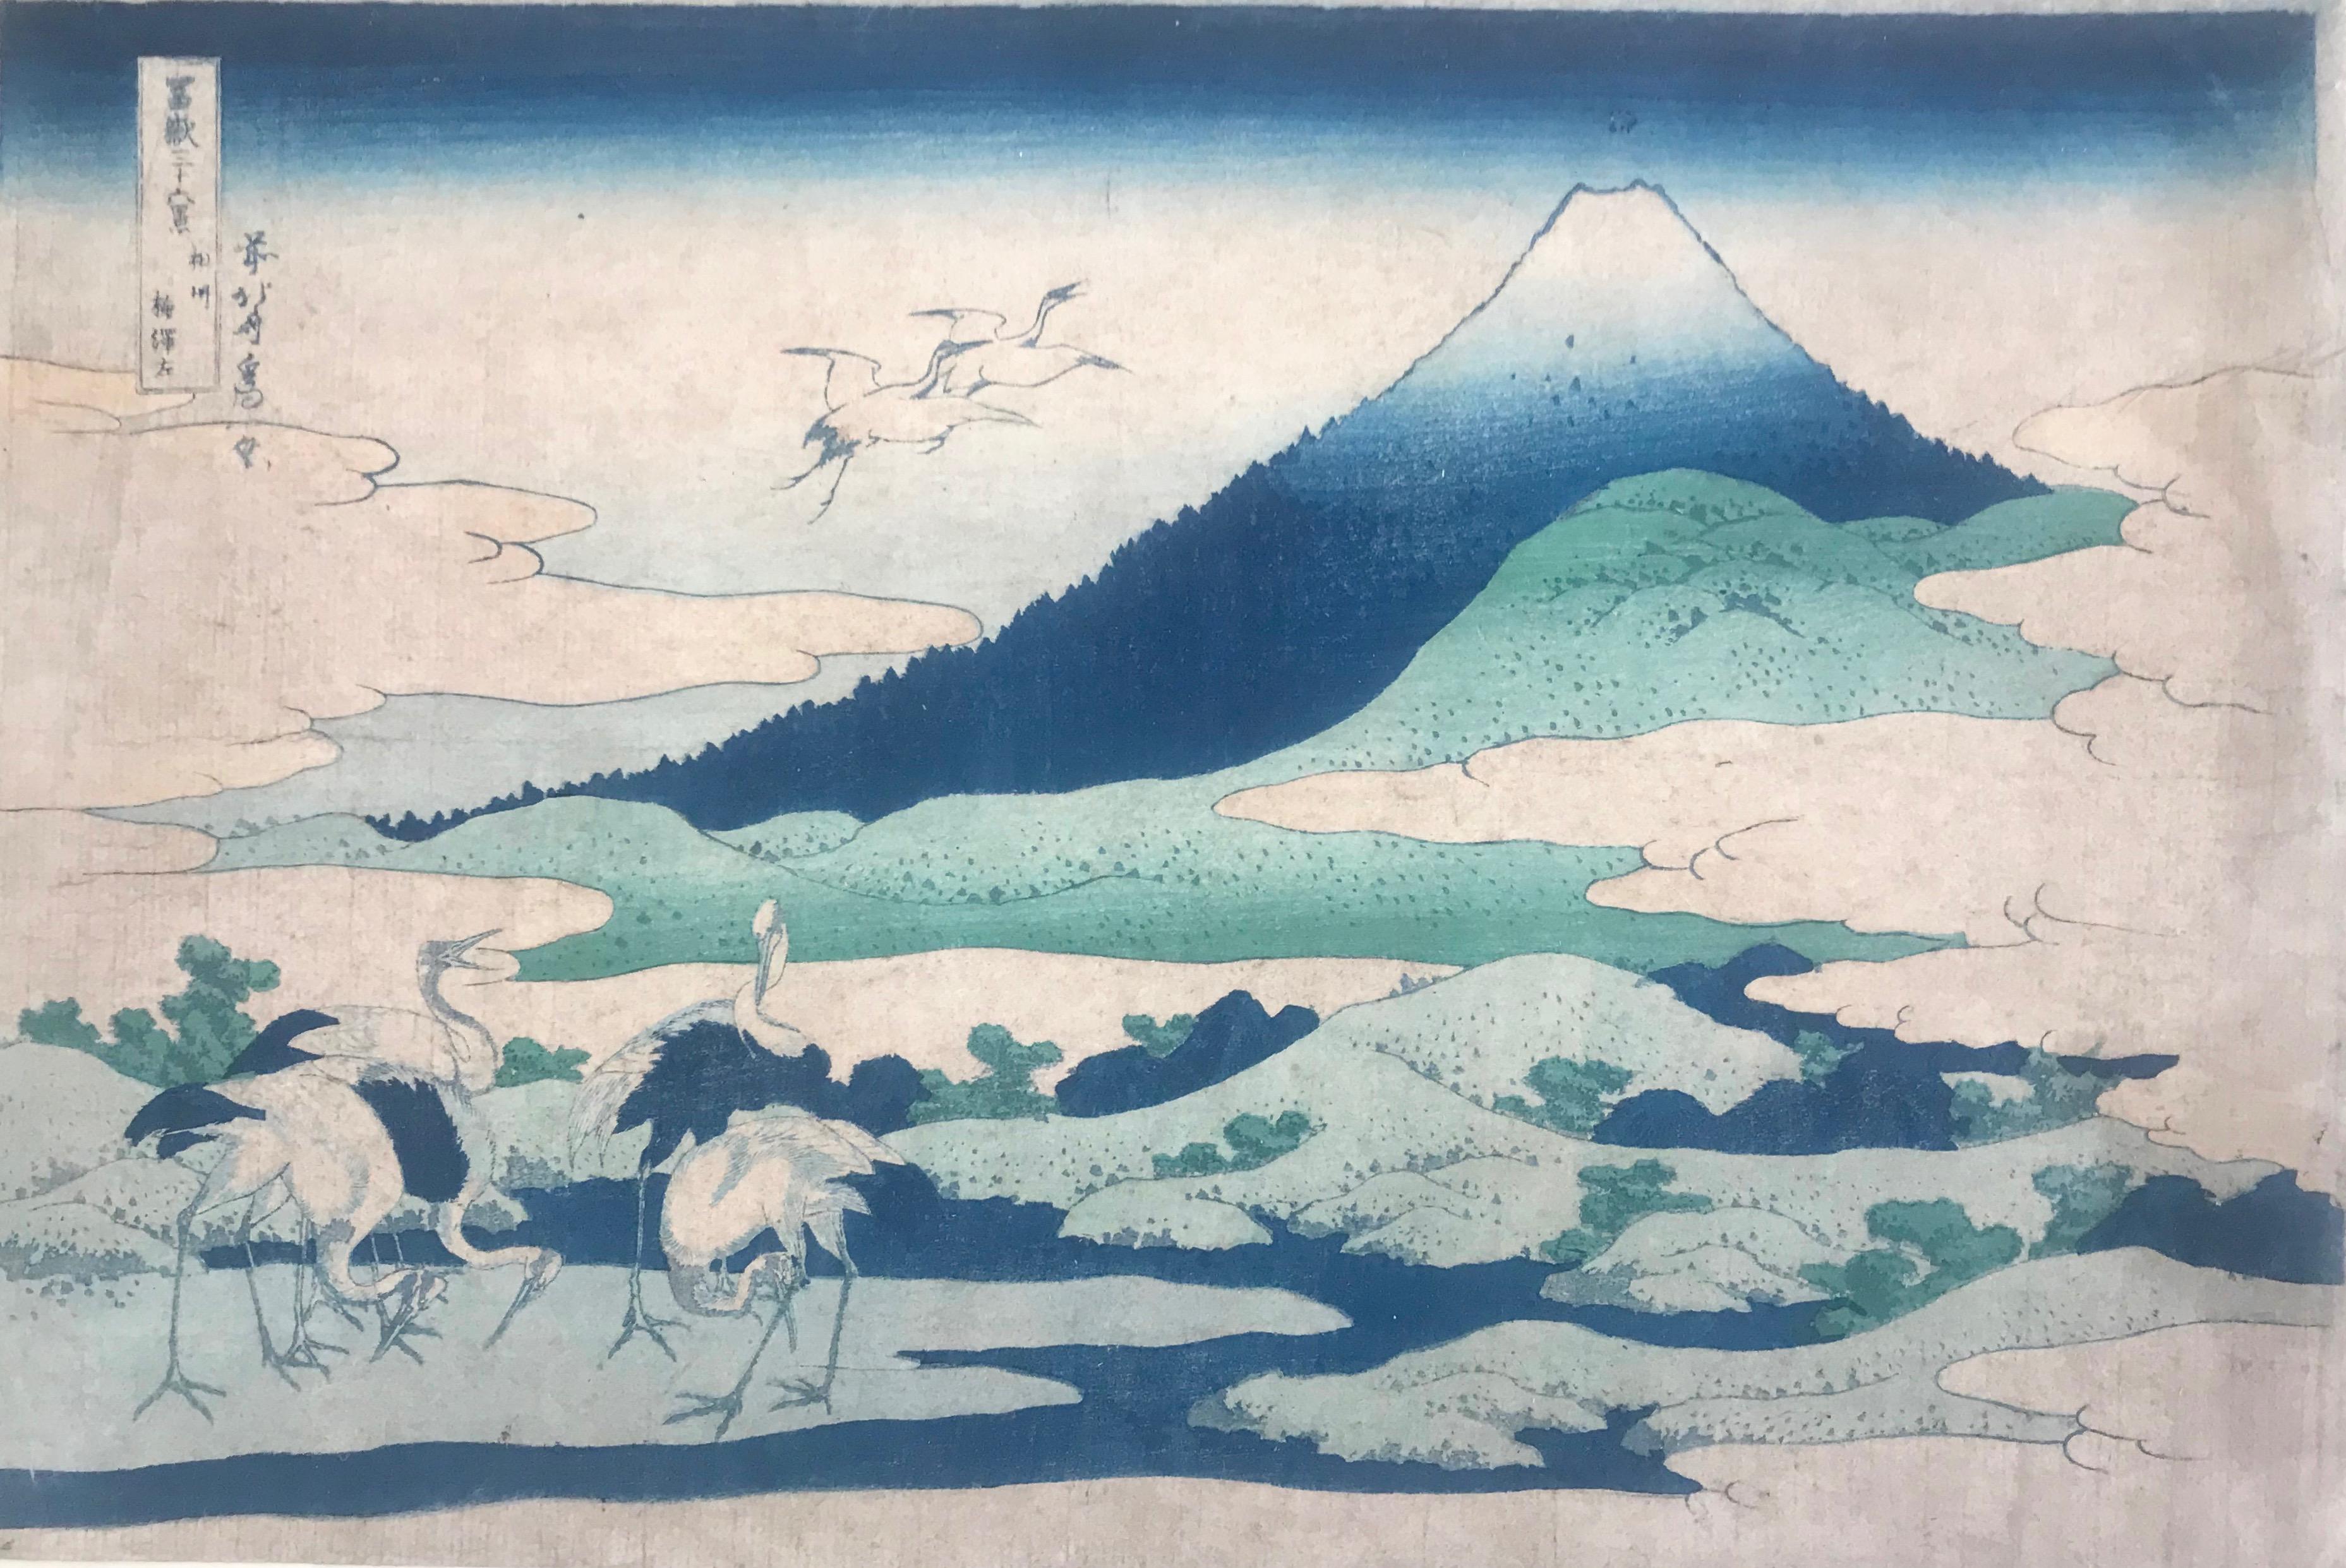 Hokusai, Trentasei vedute del Fuji, Le Gru, 1830